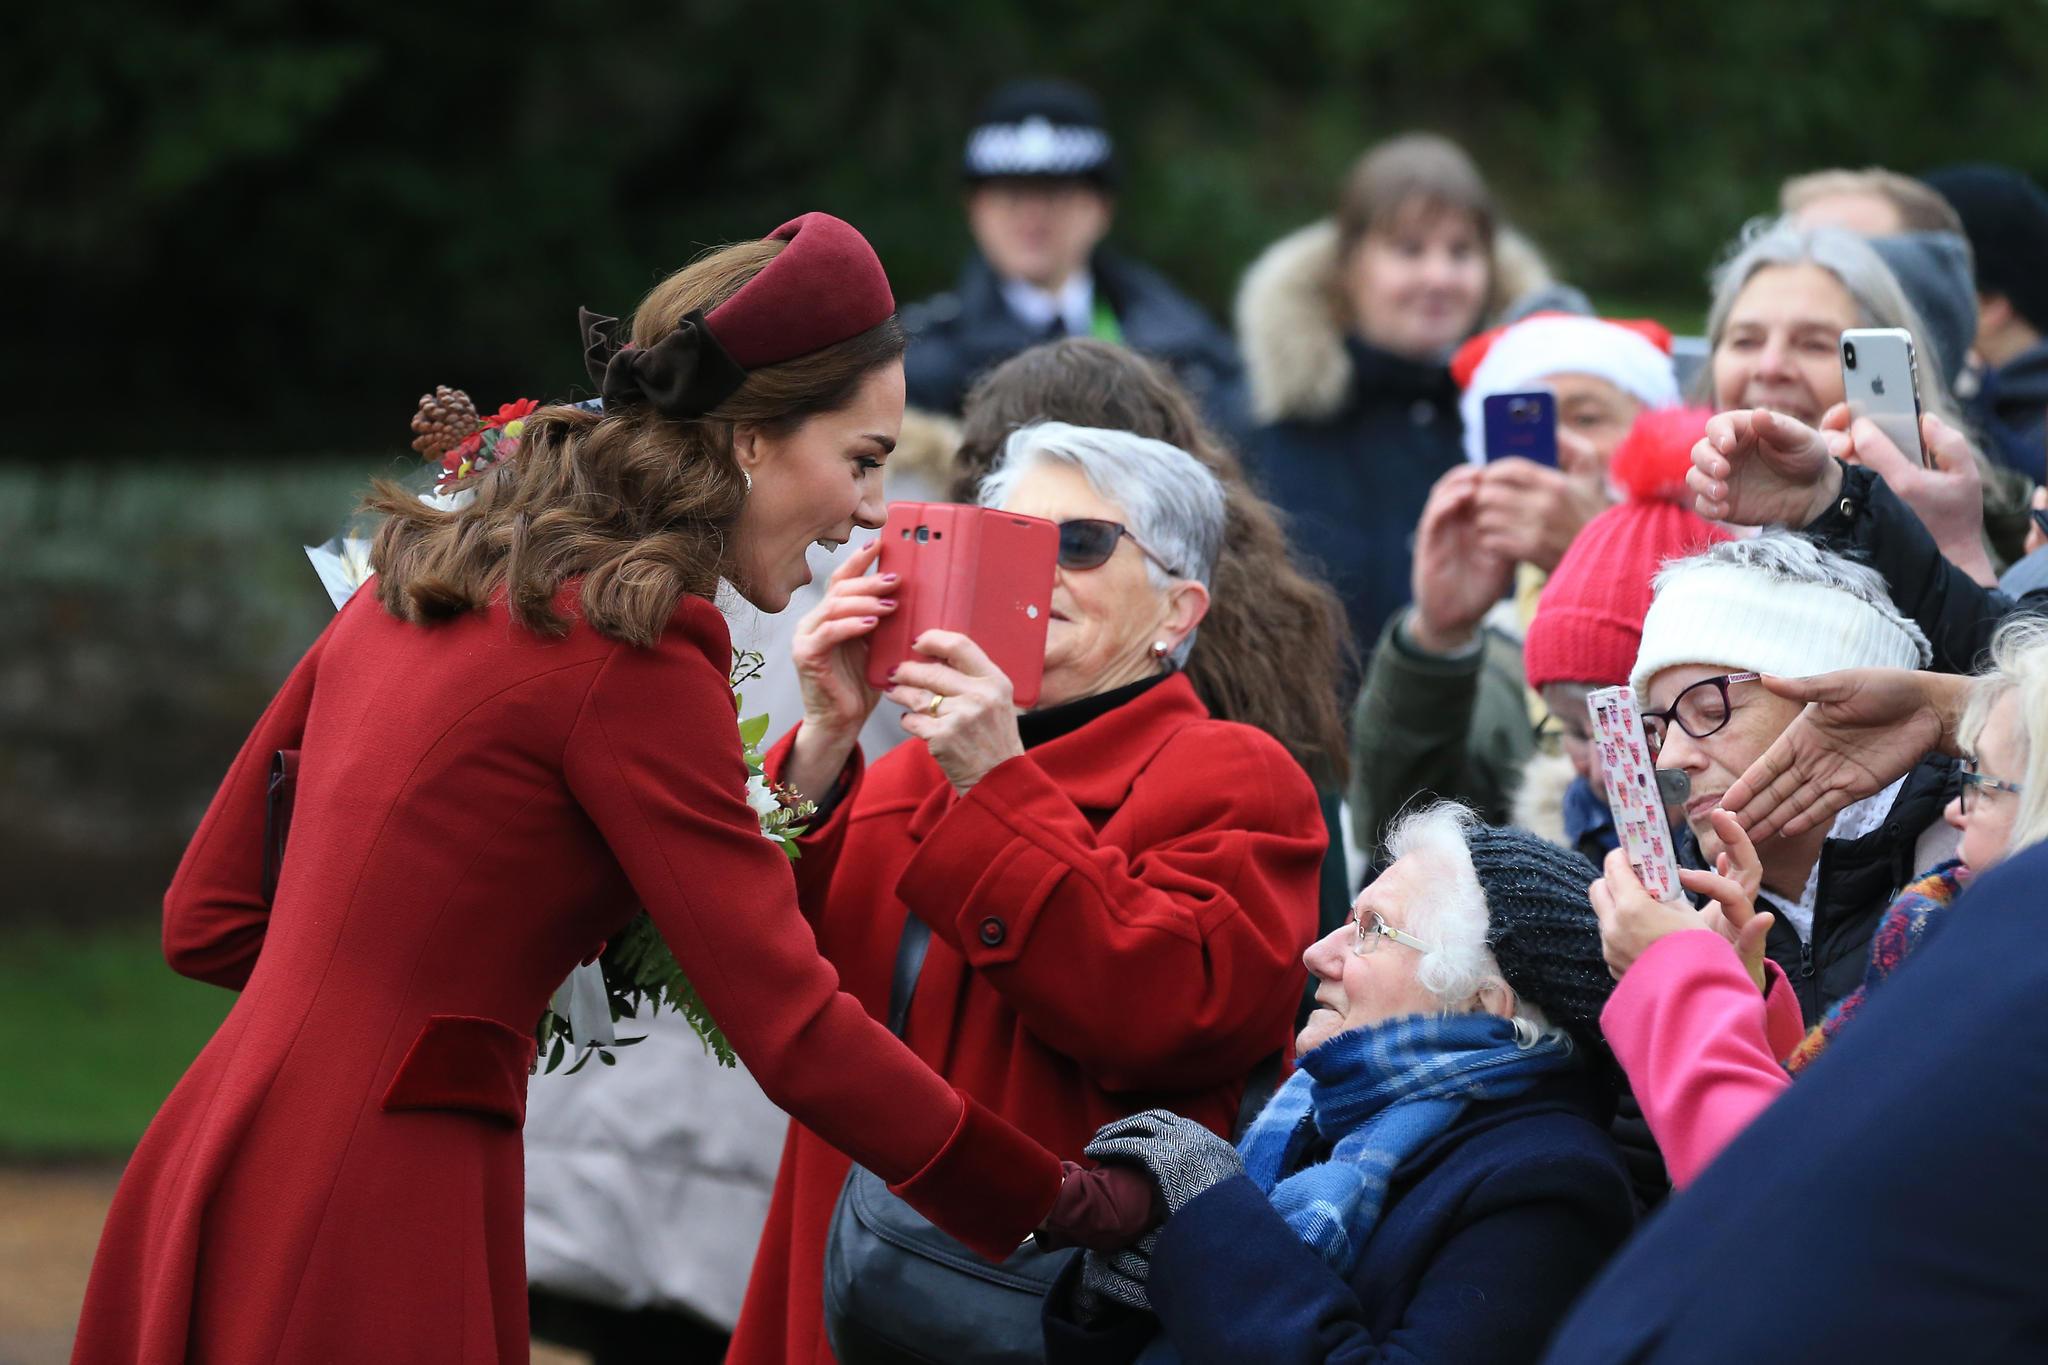 Lächeln, Hände schütteln, Blümchen halten: Die Parade-Disziplinen einer Königin beherrscht Kate bereits. Bei offiziellen Anlässen trägt sie gern kräftige Farben – die Fotografen lieben sie dafür